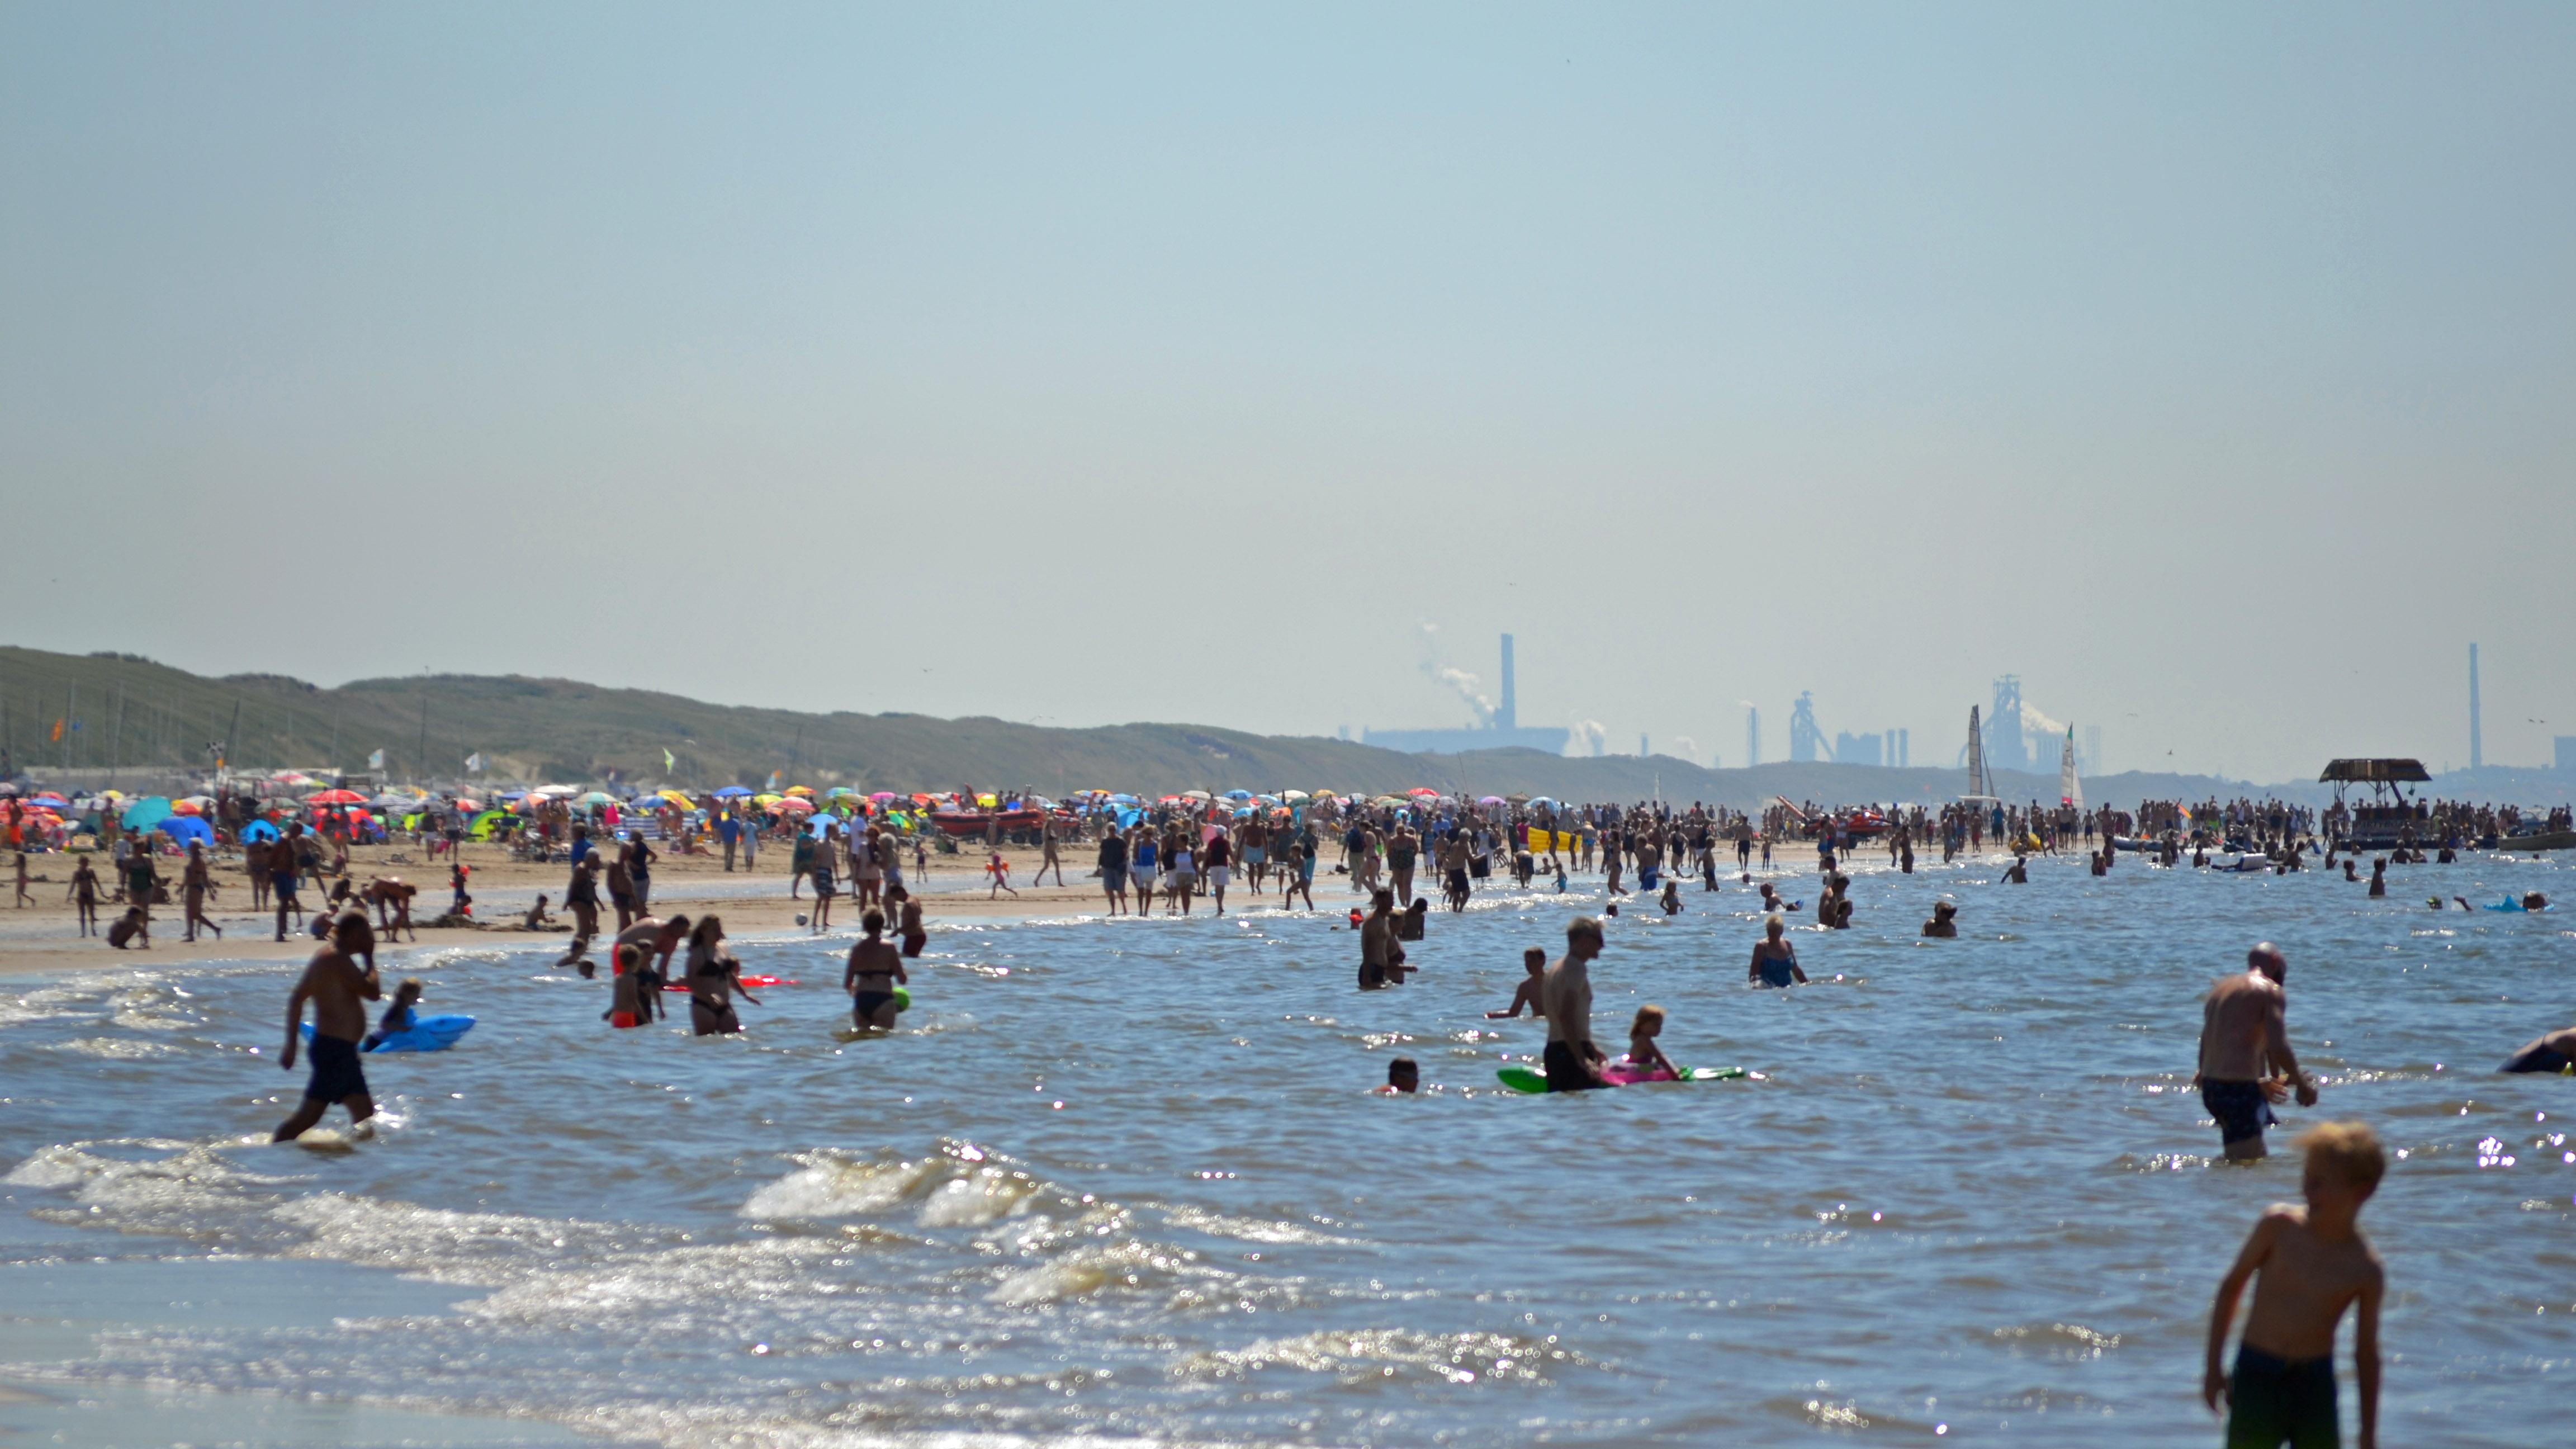 Zomer 2018 in Egmond aan Zee. (Foto's: Sjef Kenniphaas) rodi.nl © rodi